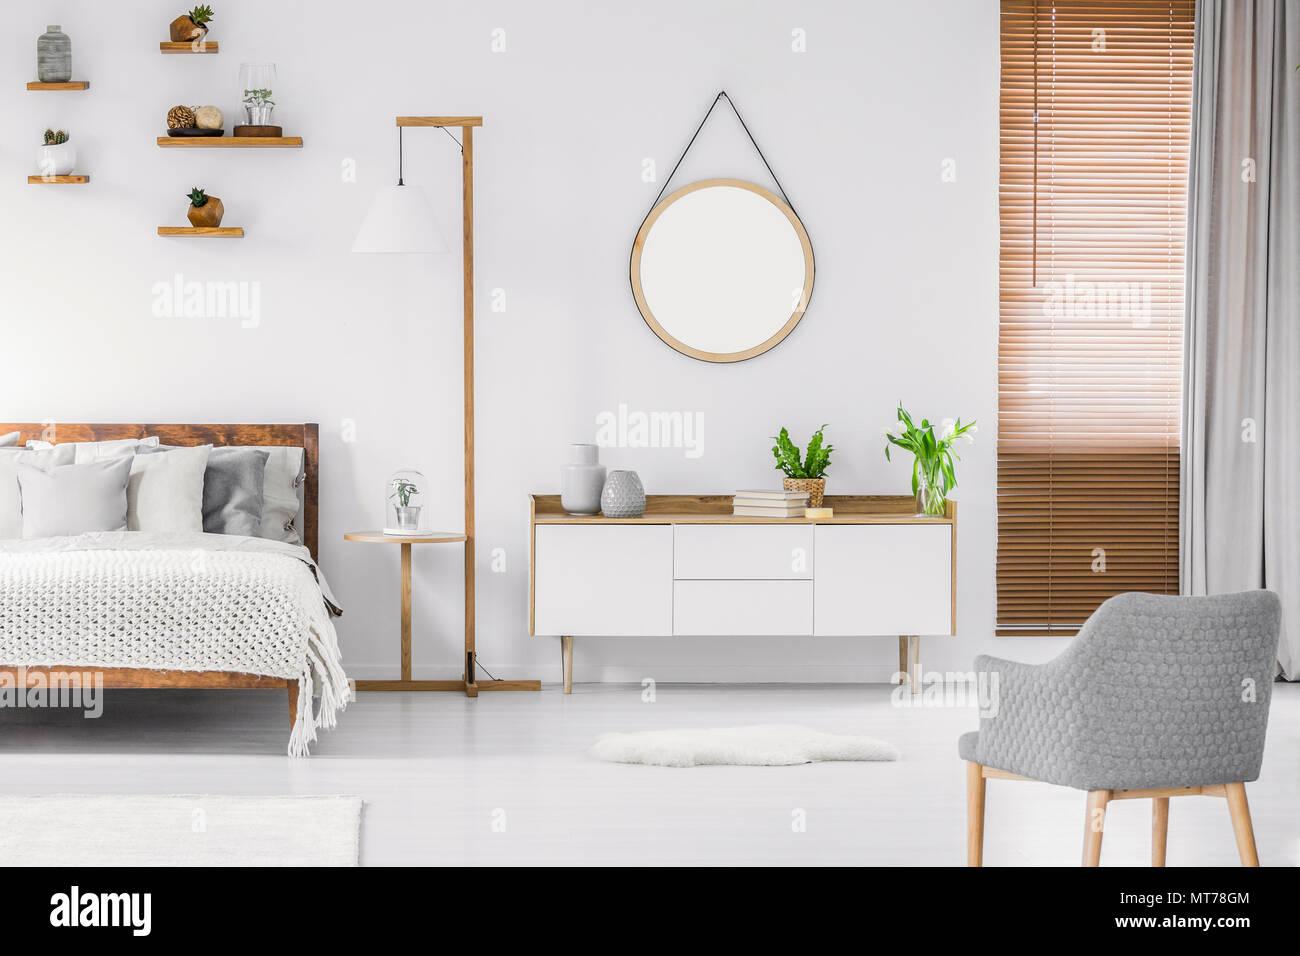 Chambre blanche de style scandinave intérieur avec miroir rond sur ...